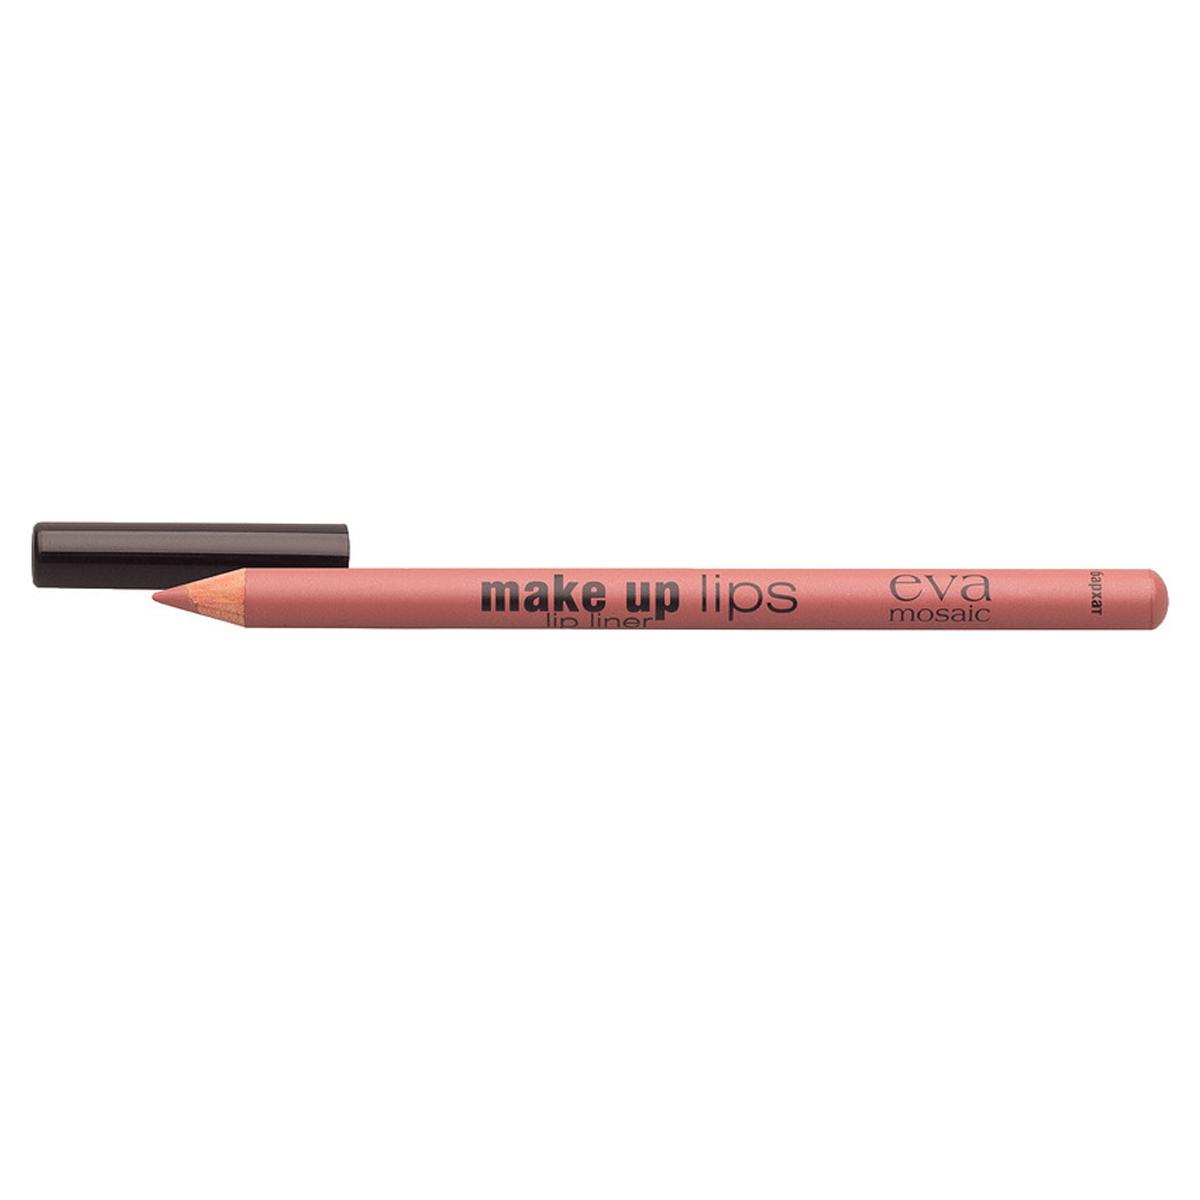 Eva Mosaic Карандаш для объема губ Make Up Lips, 1,1 г, Бархат685268Мягкий карандаш для губ создает четкий контур и подчеркивает цвет помады- комфортно наносится- содержит воски и питательные вещества для дополнительного ухода- не стирается и не размазывается в течение дня